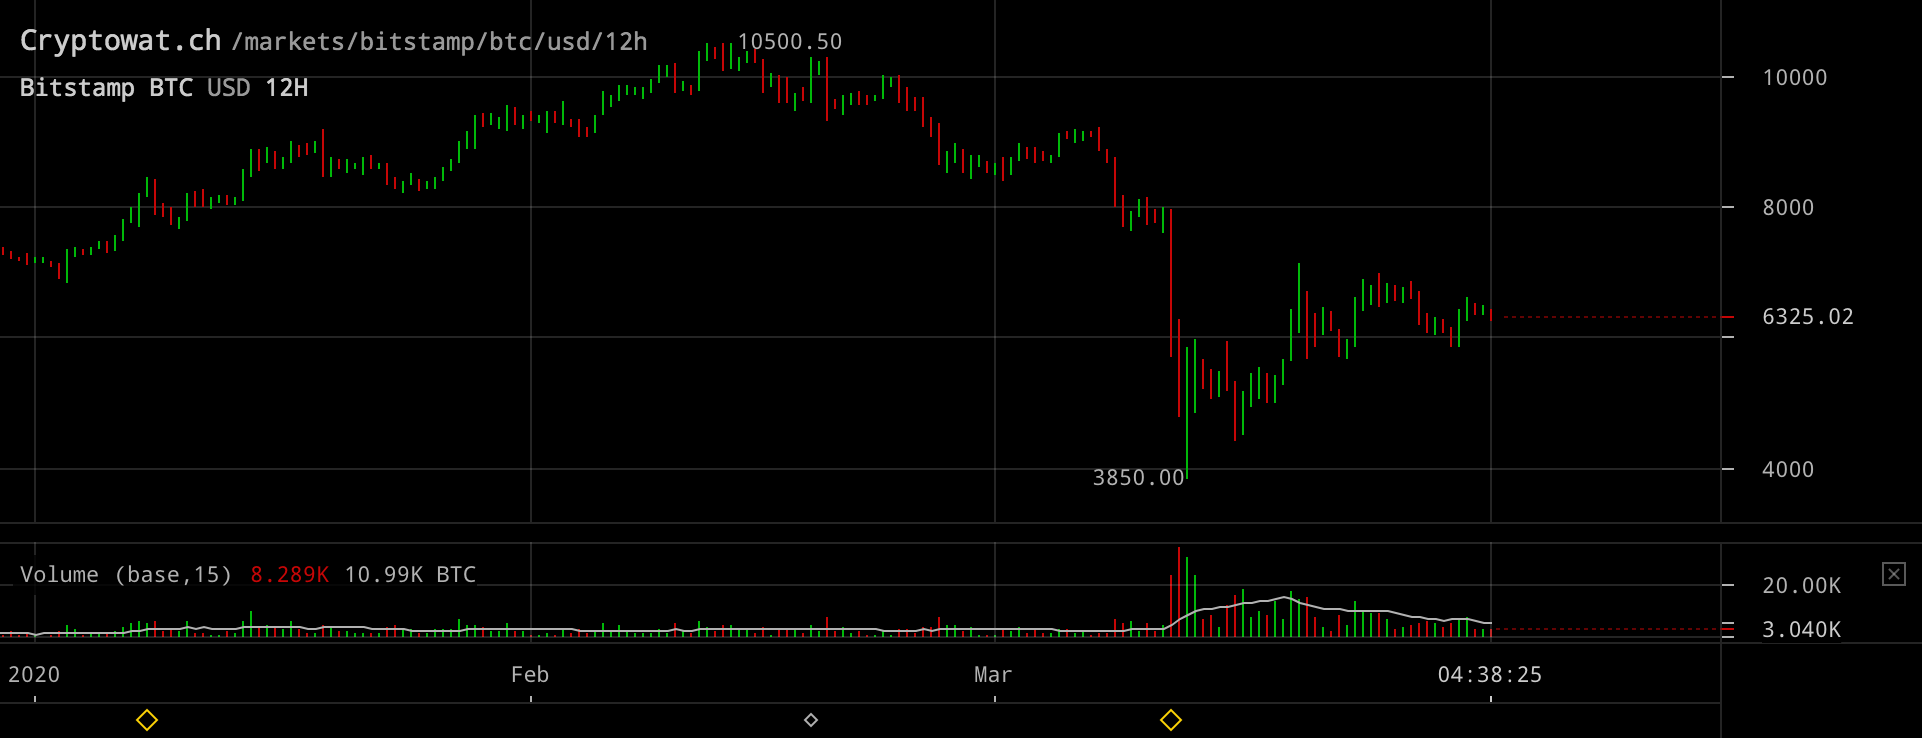 Bitcoinpriset under första kvartalet 2020.